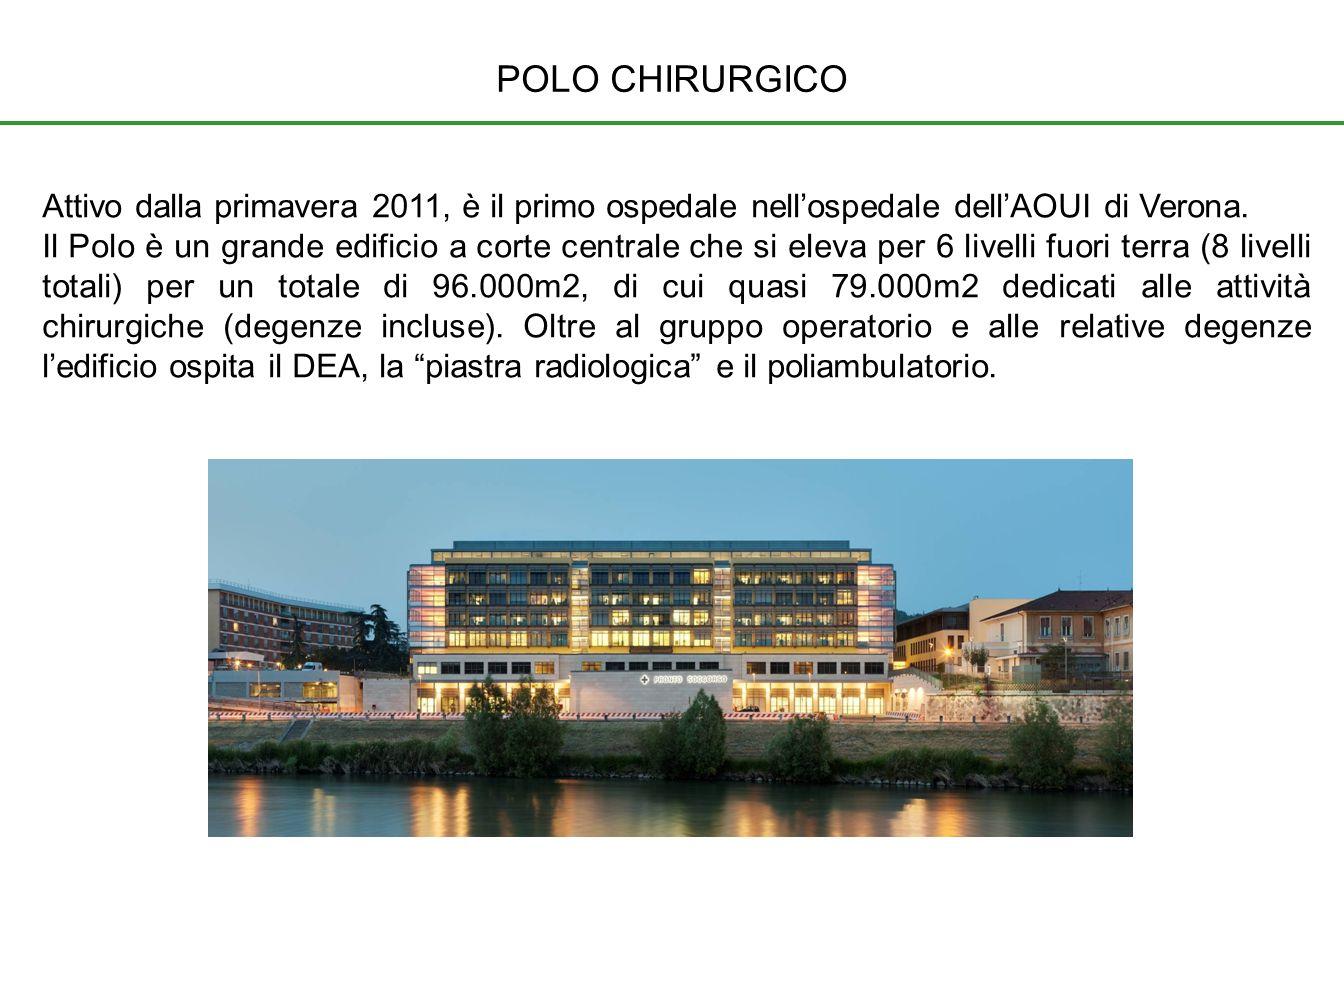 POLO CHIRURGICO Attivo dalla primavera 2011, è il primo ospedale nellospedale dellAOUI di Verona. Il Polo è un grande edificio a corte centrale che si